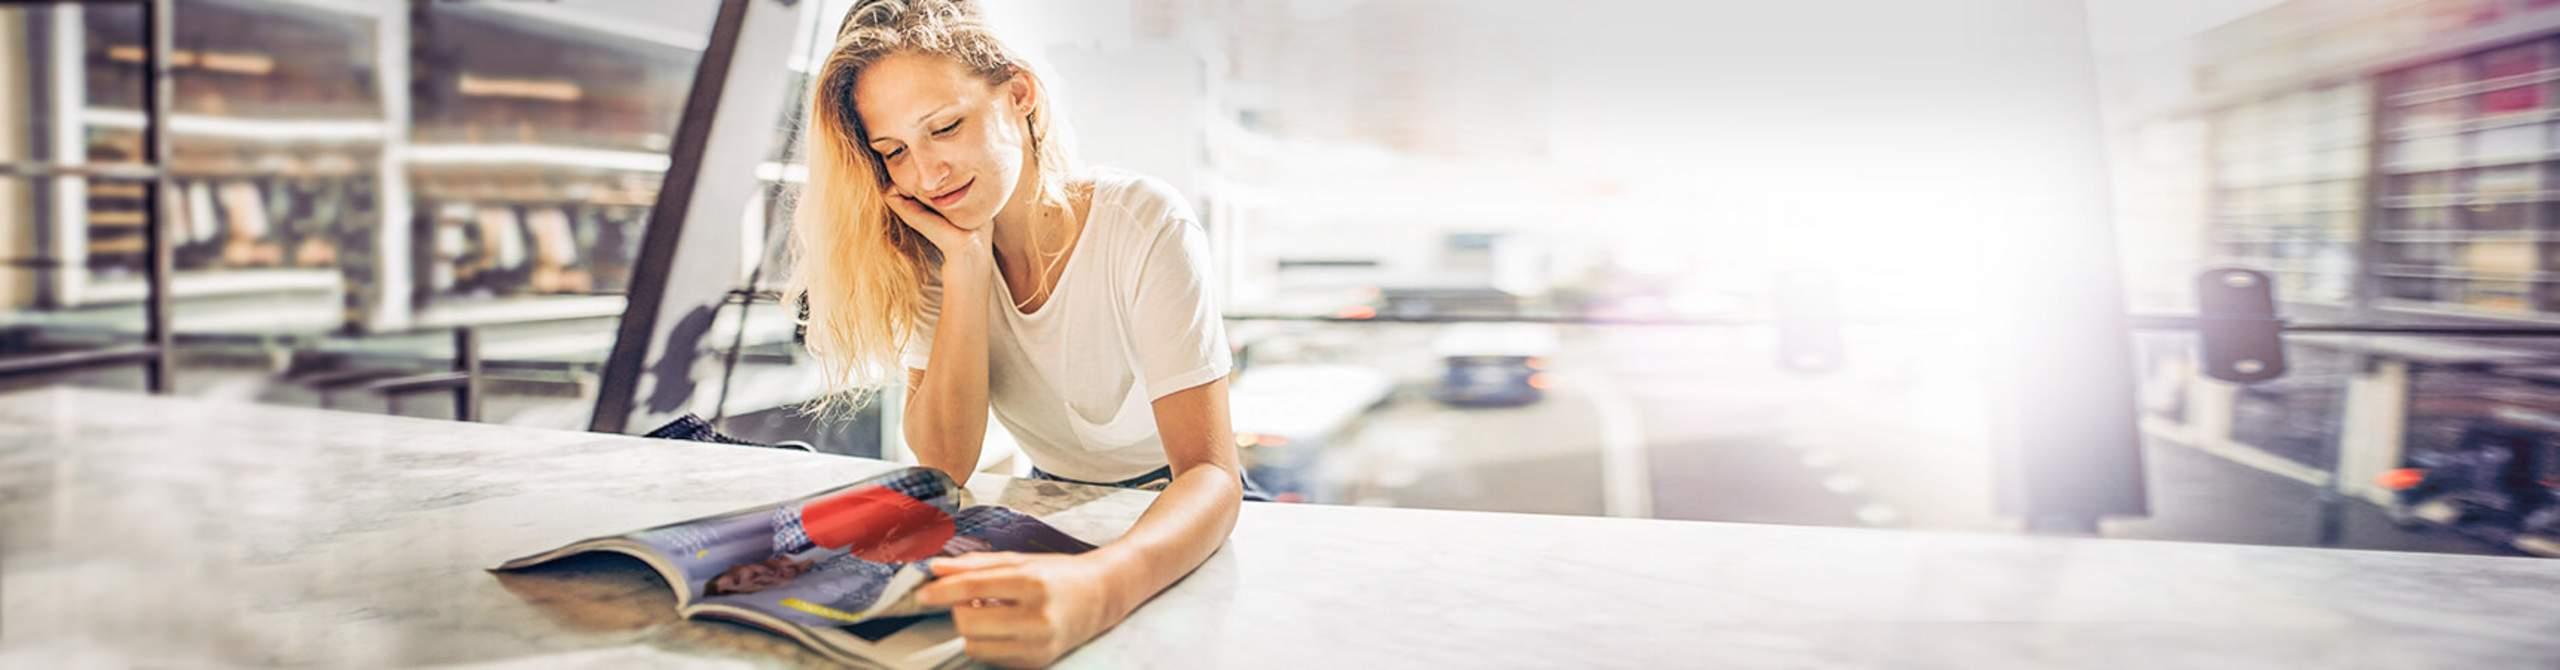 Eine Frau in einem Druckbetrieb liest eine Zeitschrift.